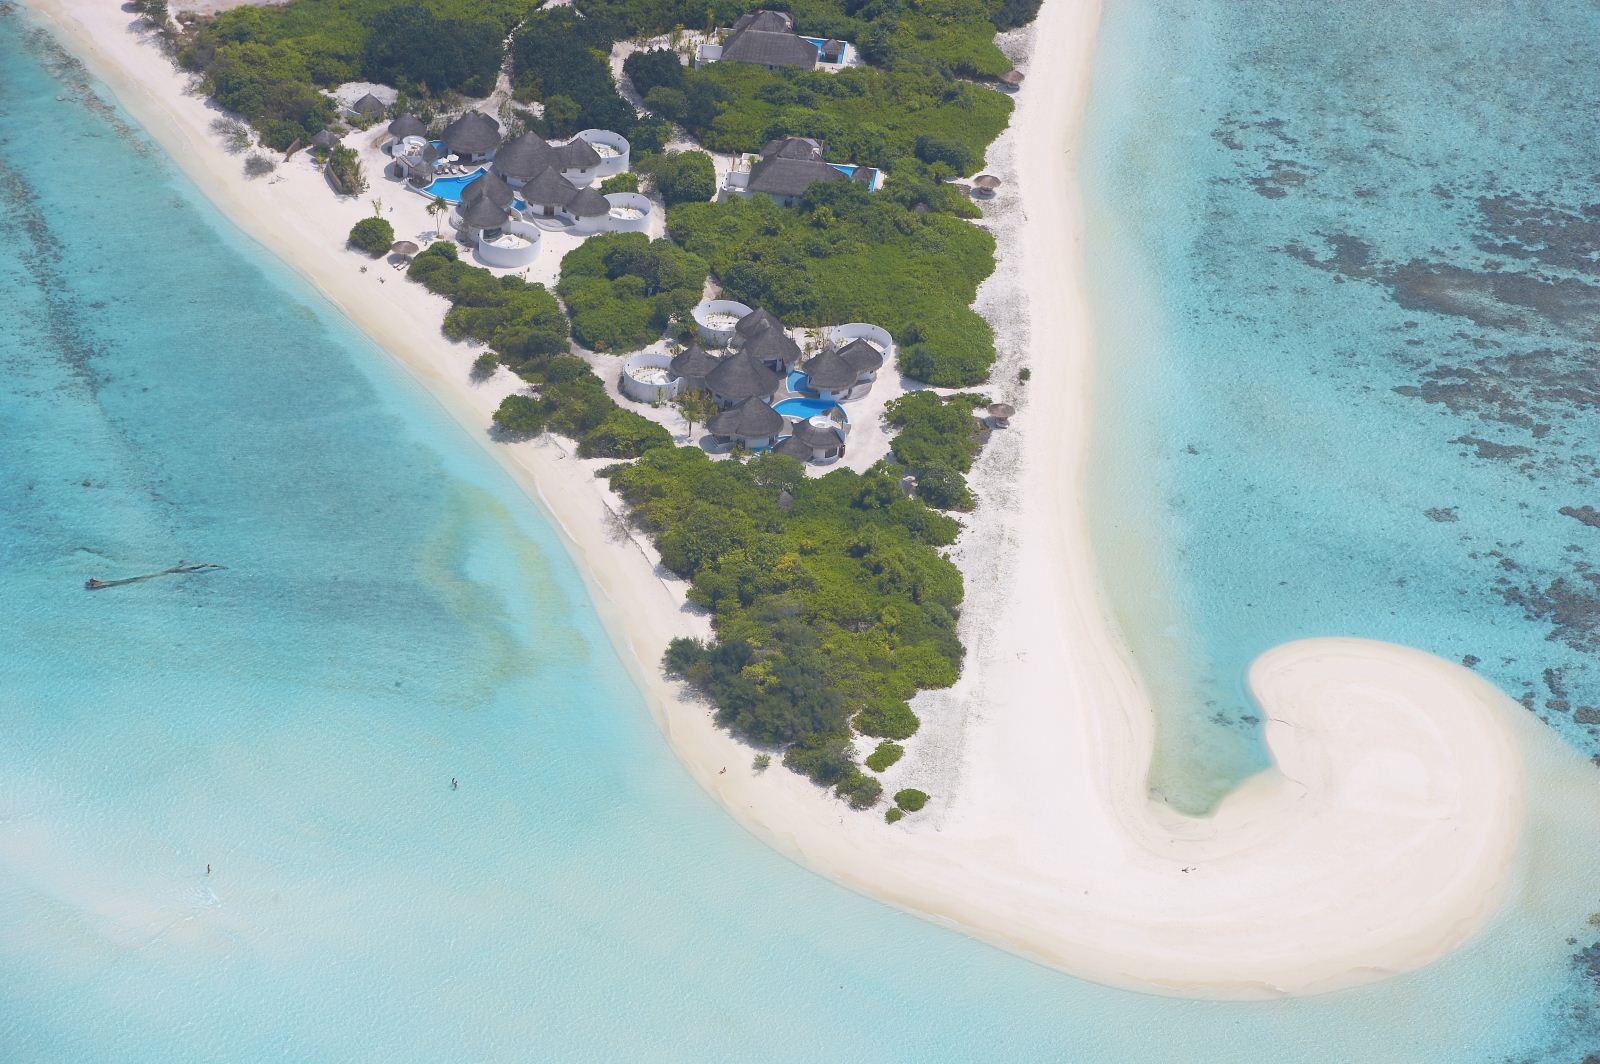 """5,神仙珊瑚岛的荣誉和奖项: 全球最具责任酒店成员 """"seven"""